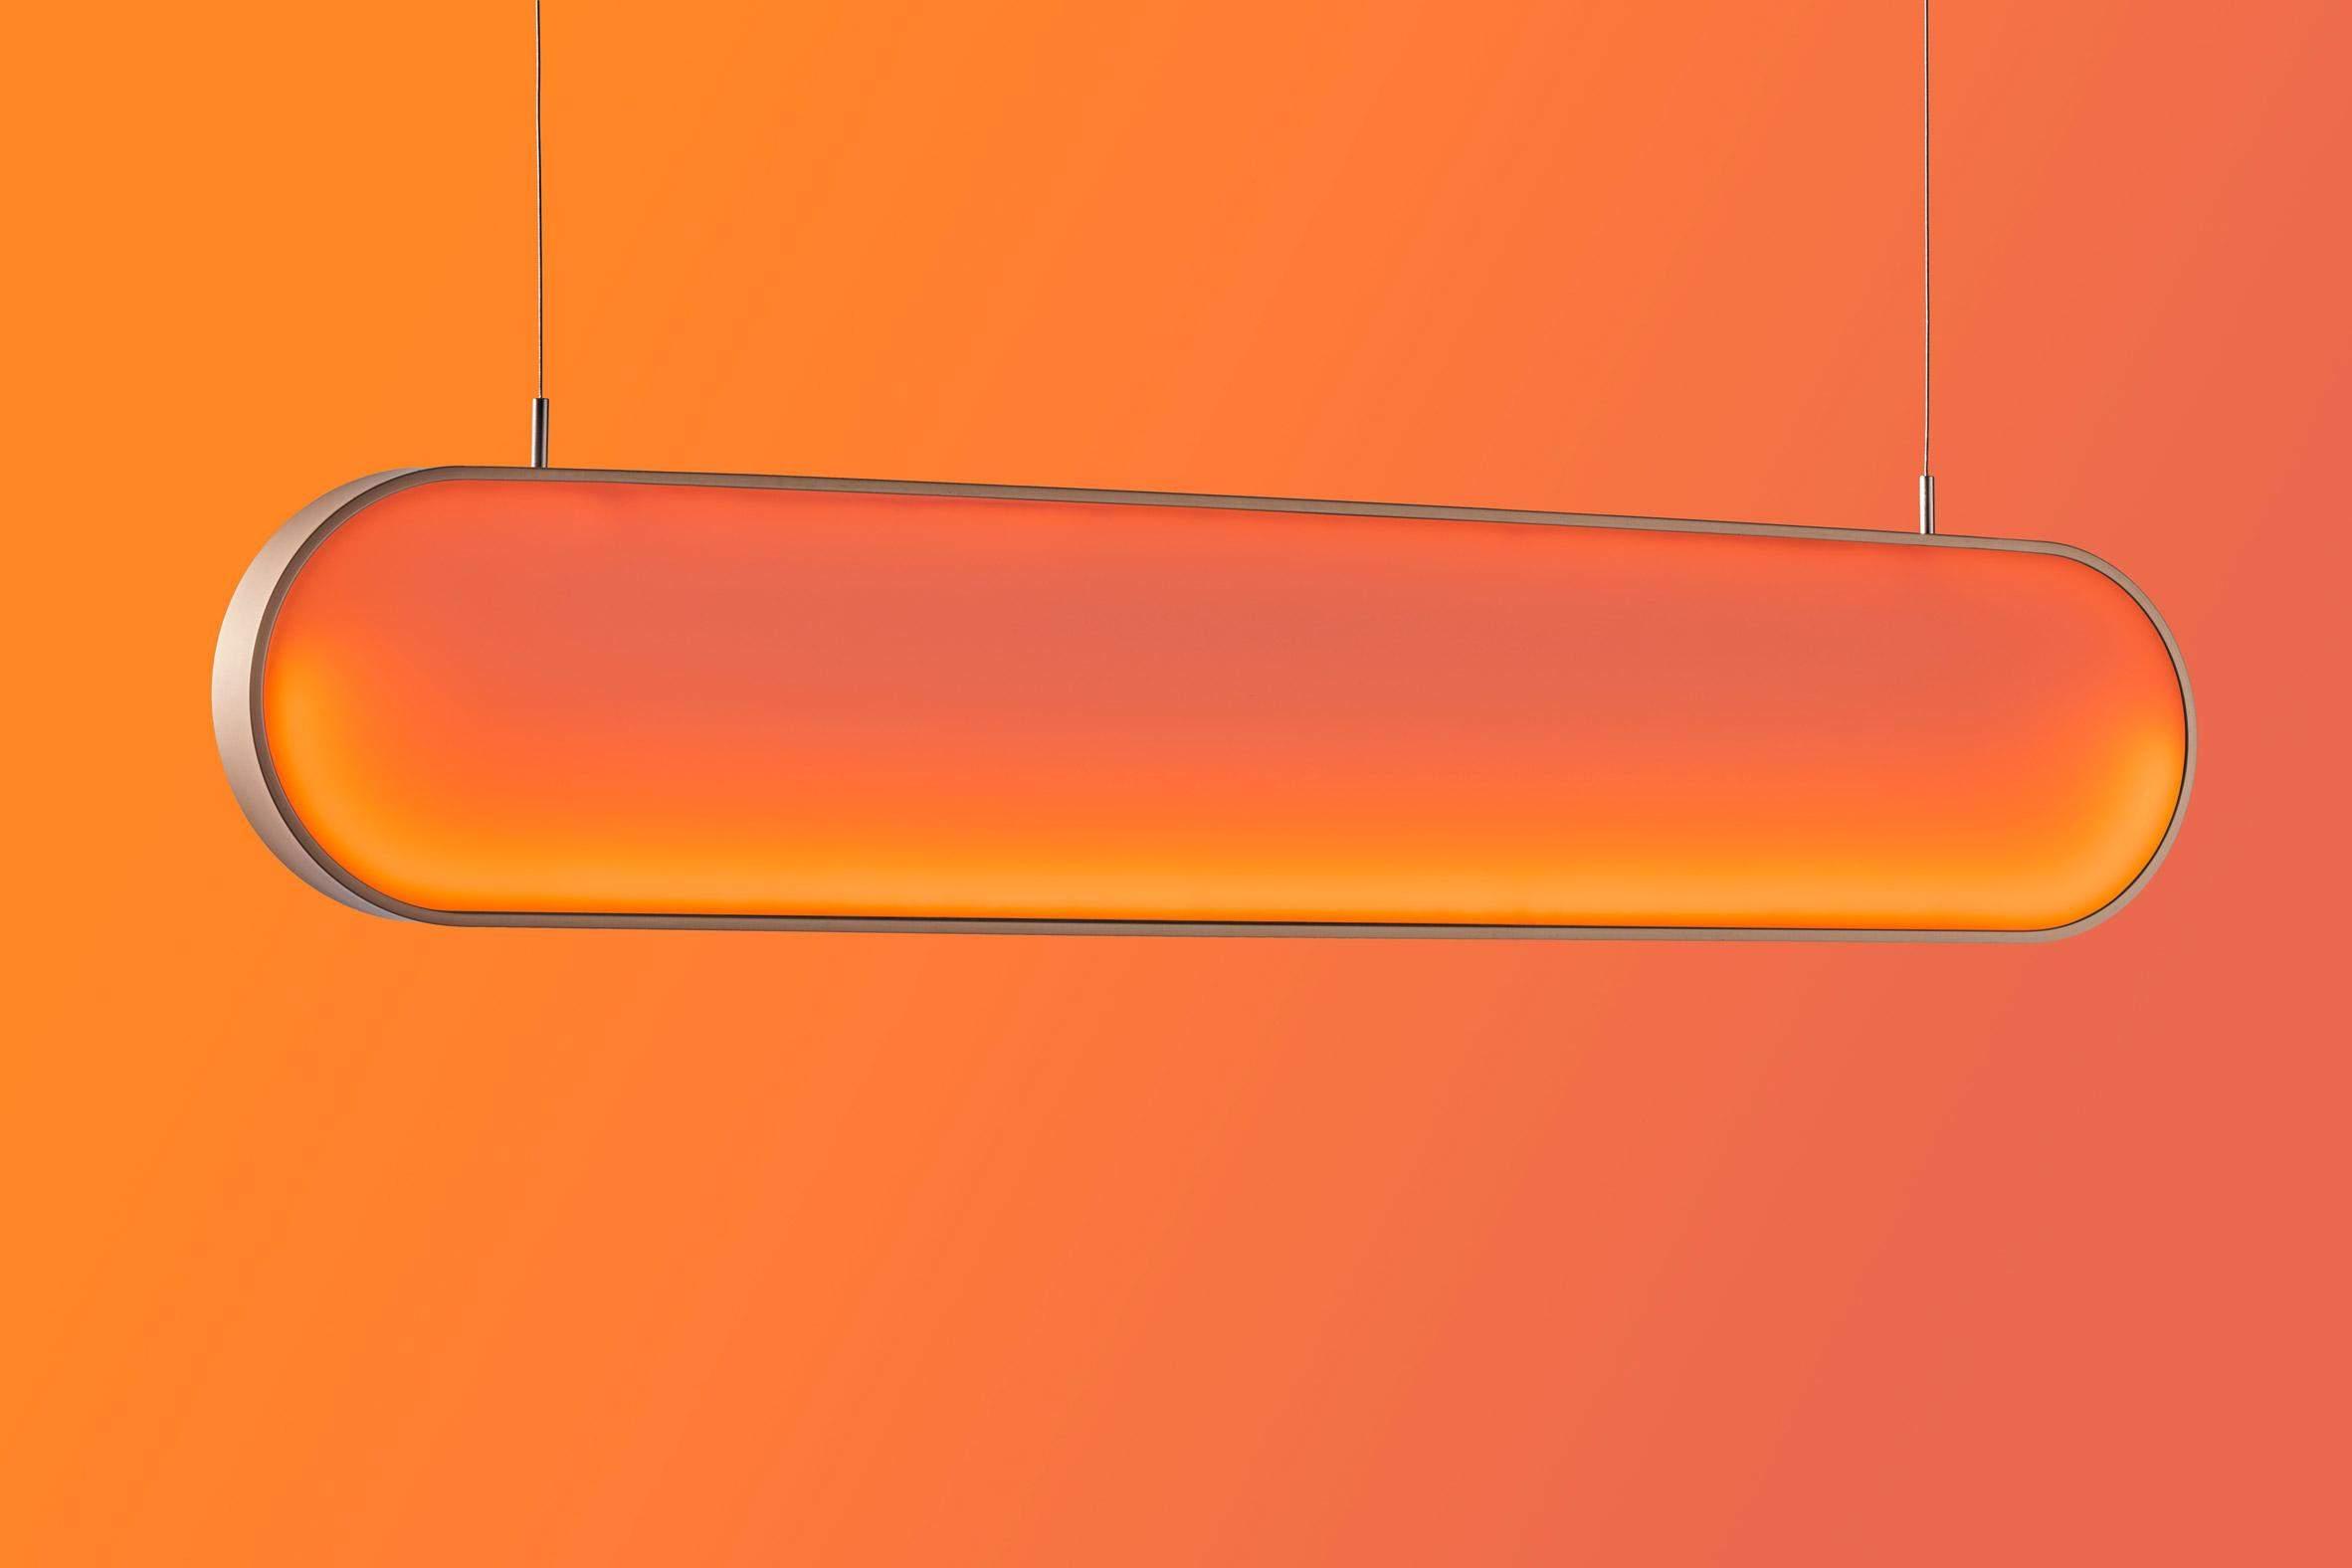 Світильник дає можливість кожному накопичувати сонячну енергію